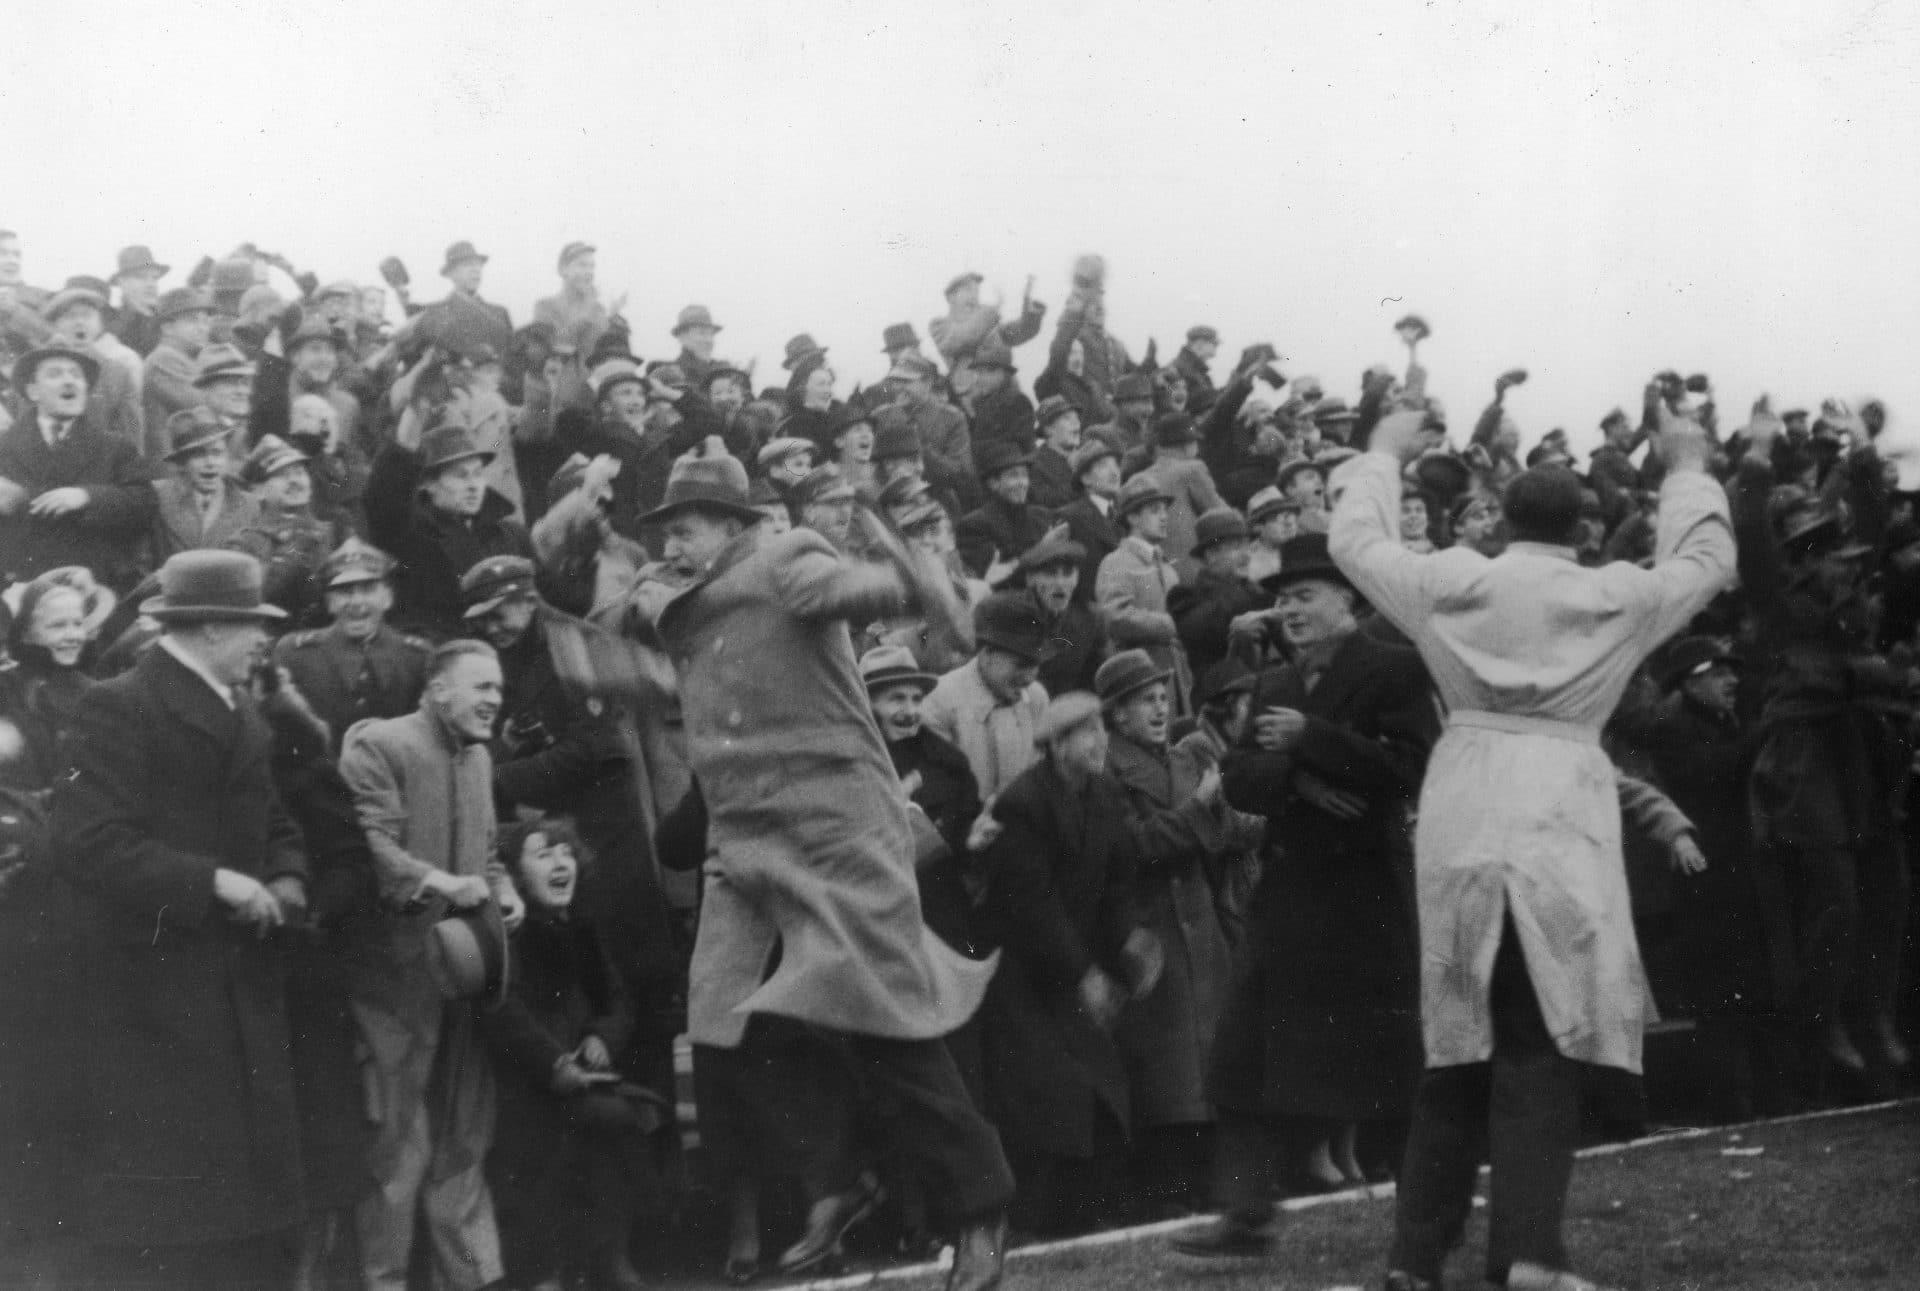 Kibice cieszą się z gola dla Polaków. Mecz Polska - Norwegia, który rozegrano w 1938 roku w Warszawie zakończył się wynikiem 2 do 2. Źródło: Narodowe Archiwum Cyfrowe.